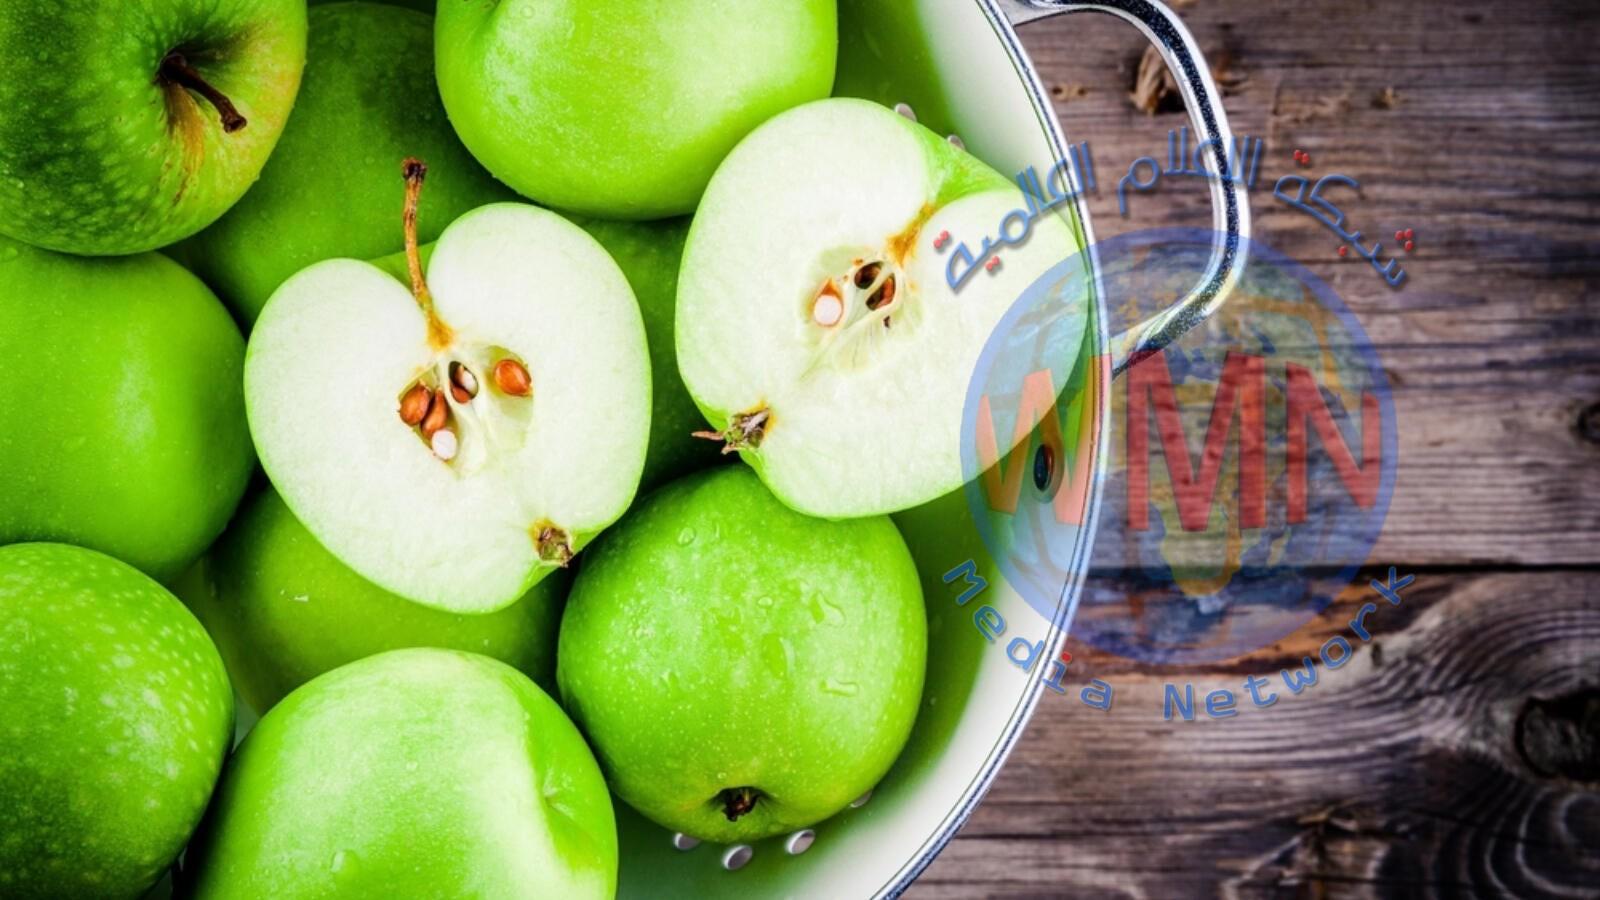 فوائد بذور التفاح الأخضر